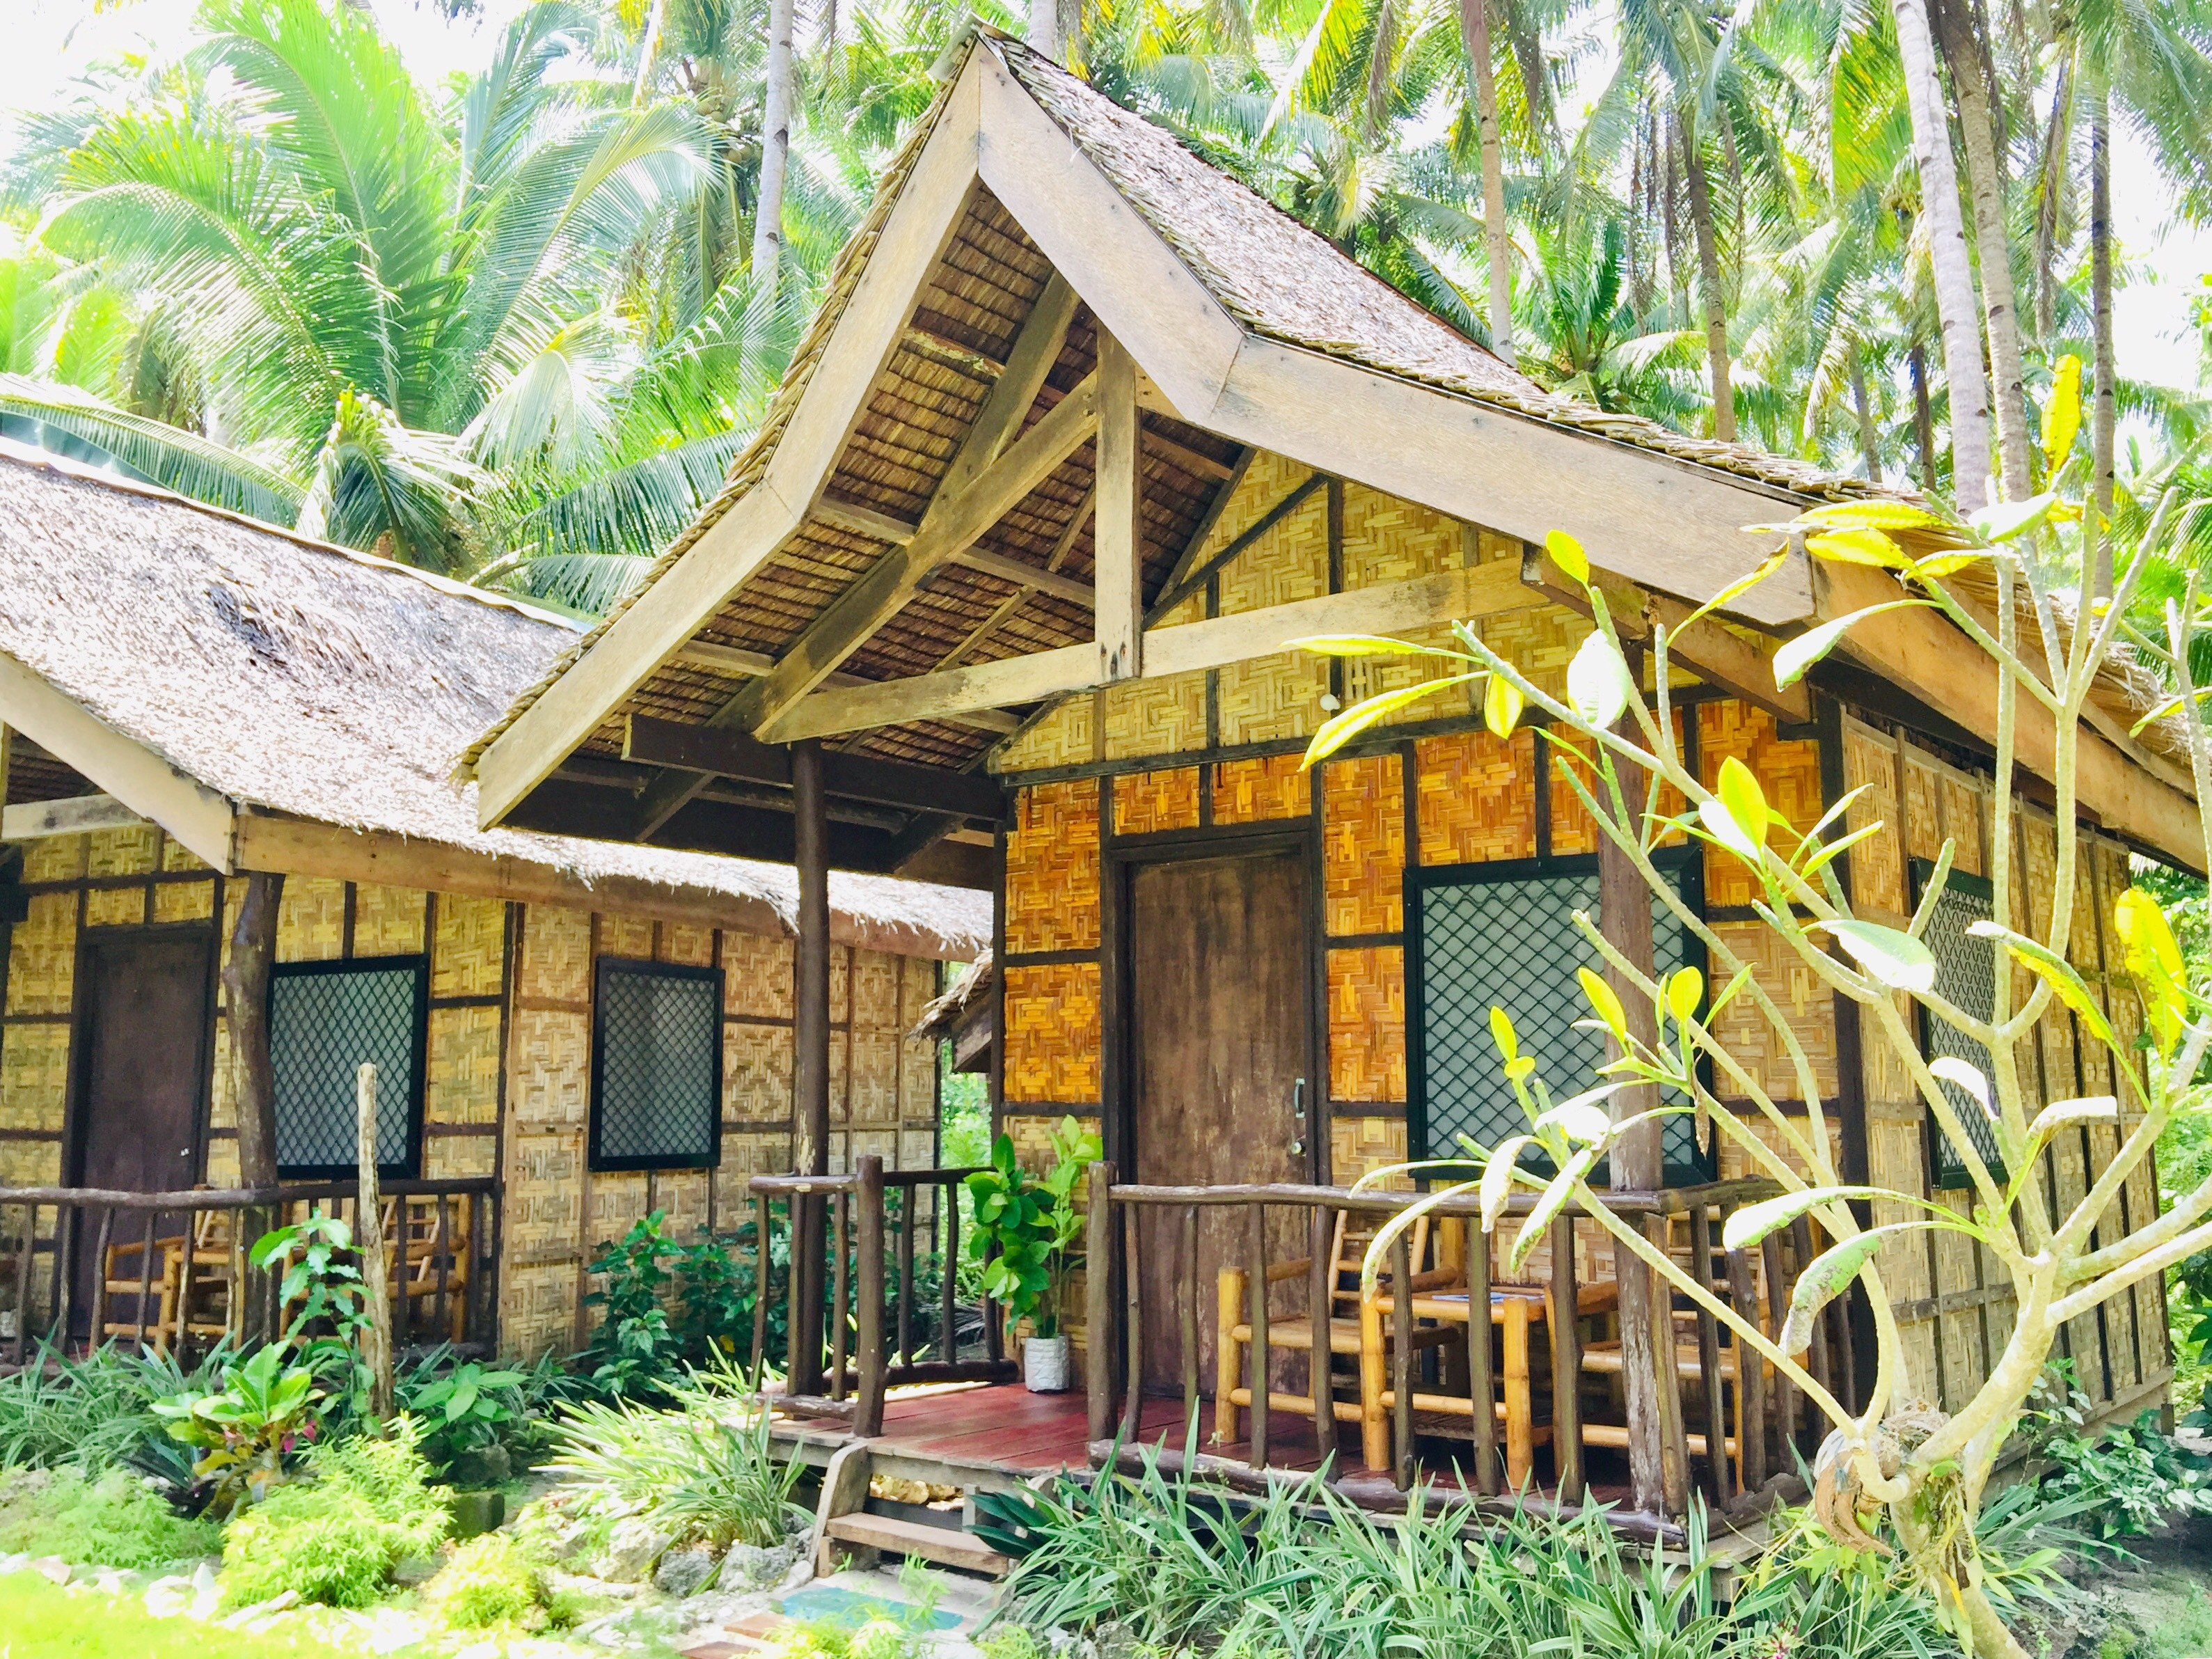 Garden cottages.jpg